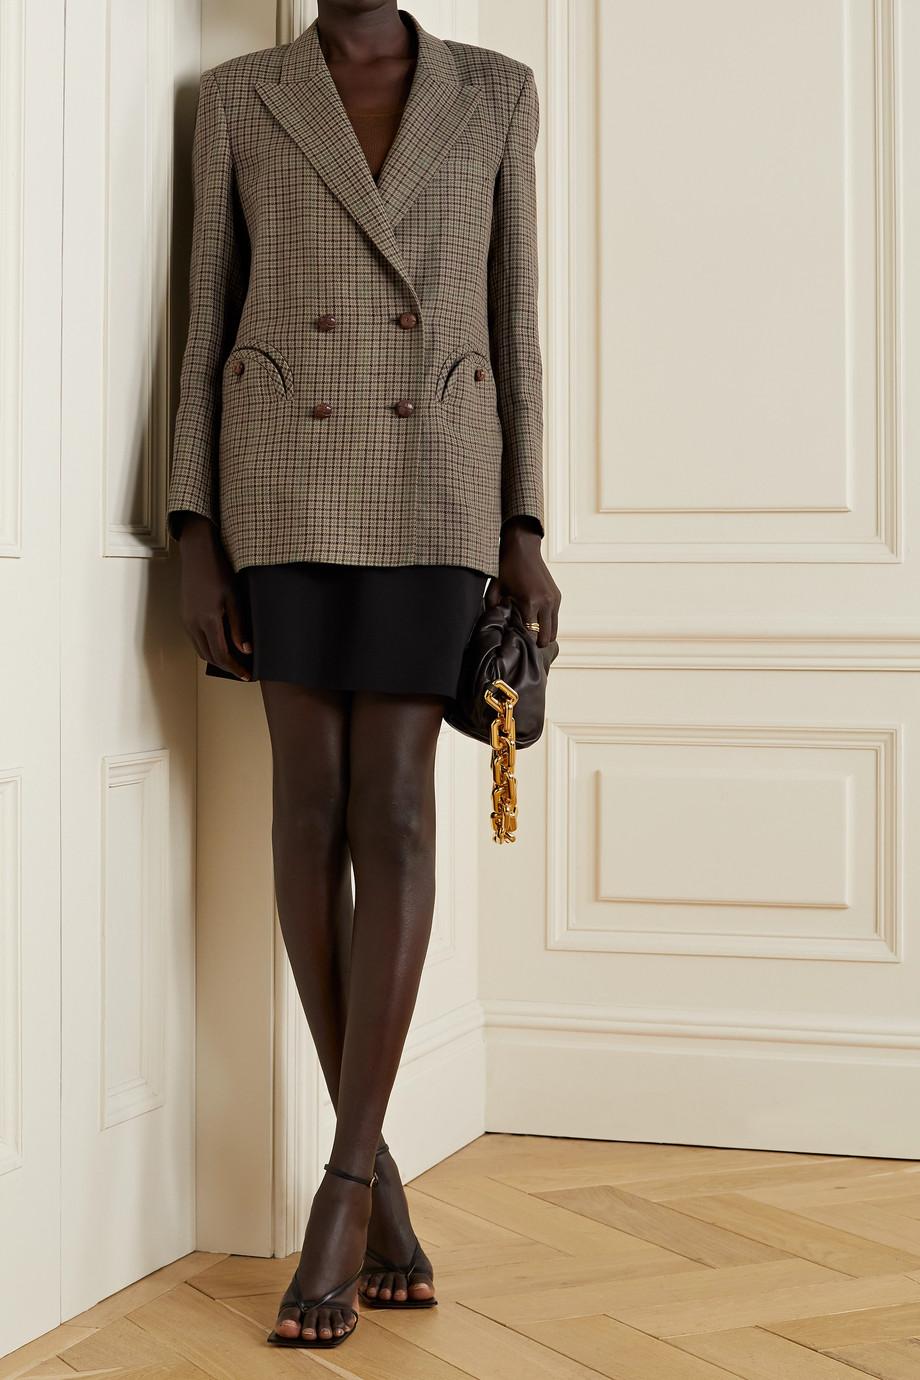 Blazé Milano Everynight doppelreihiger Blazer aus einer Leinen-Baumwollmischung mit Hahnentrittmuster